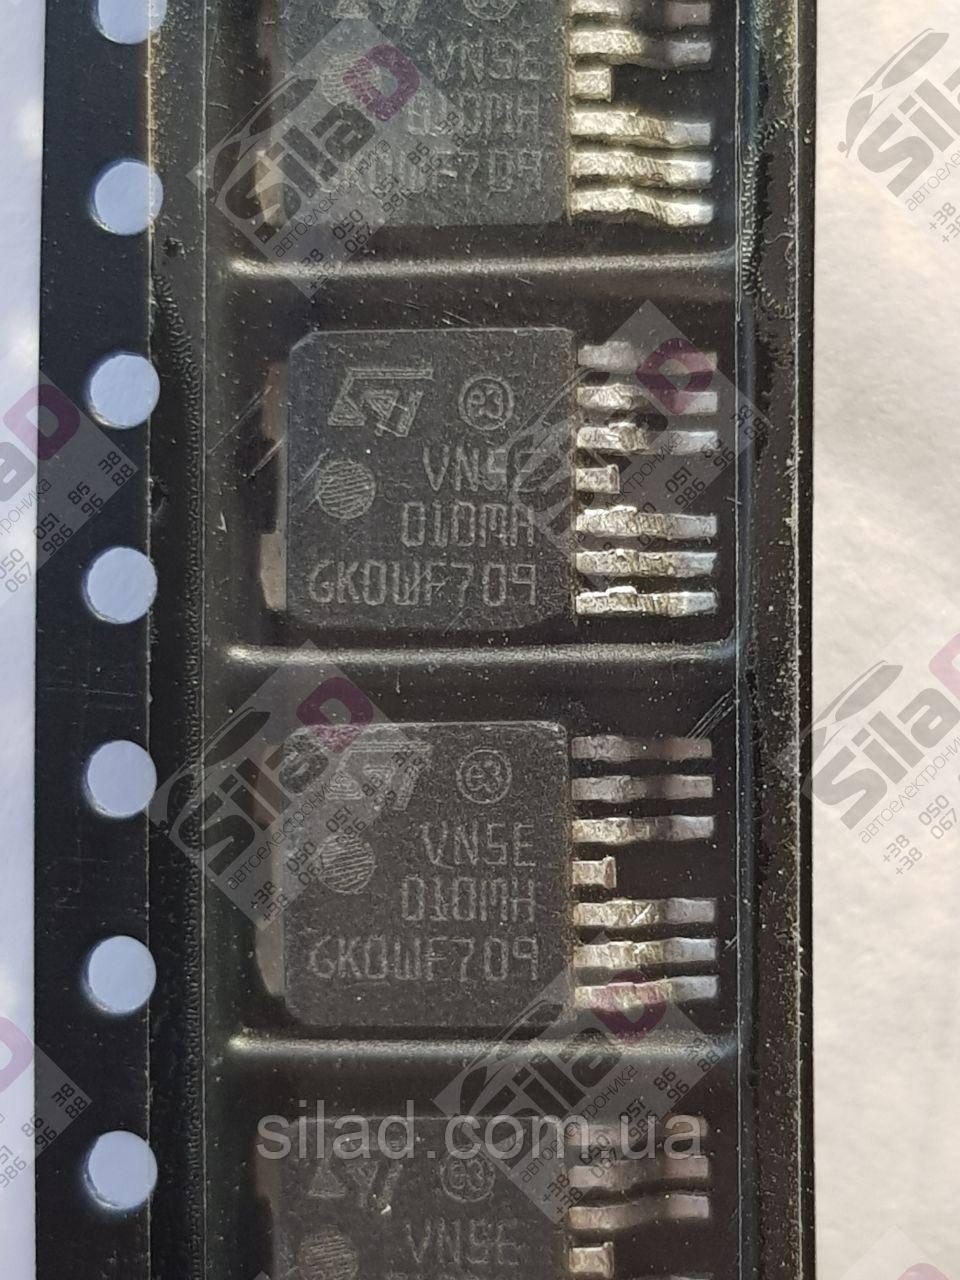 Транзистор VN5E010MH STMicroelectronics корпус корпус TO-252-6 High-side драйвер